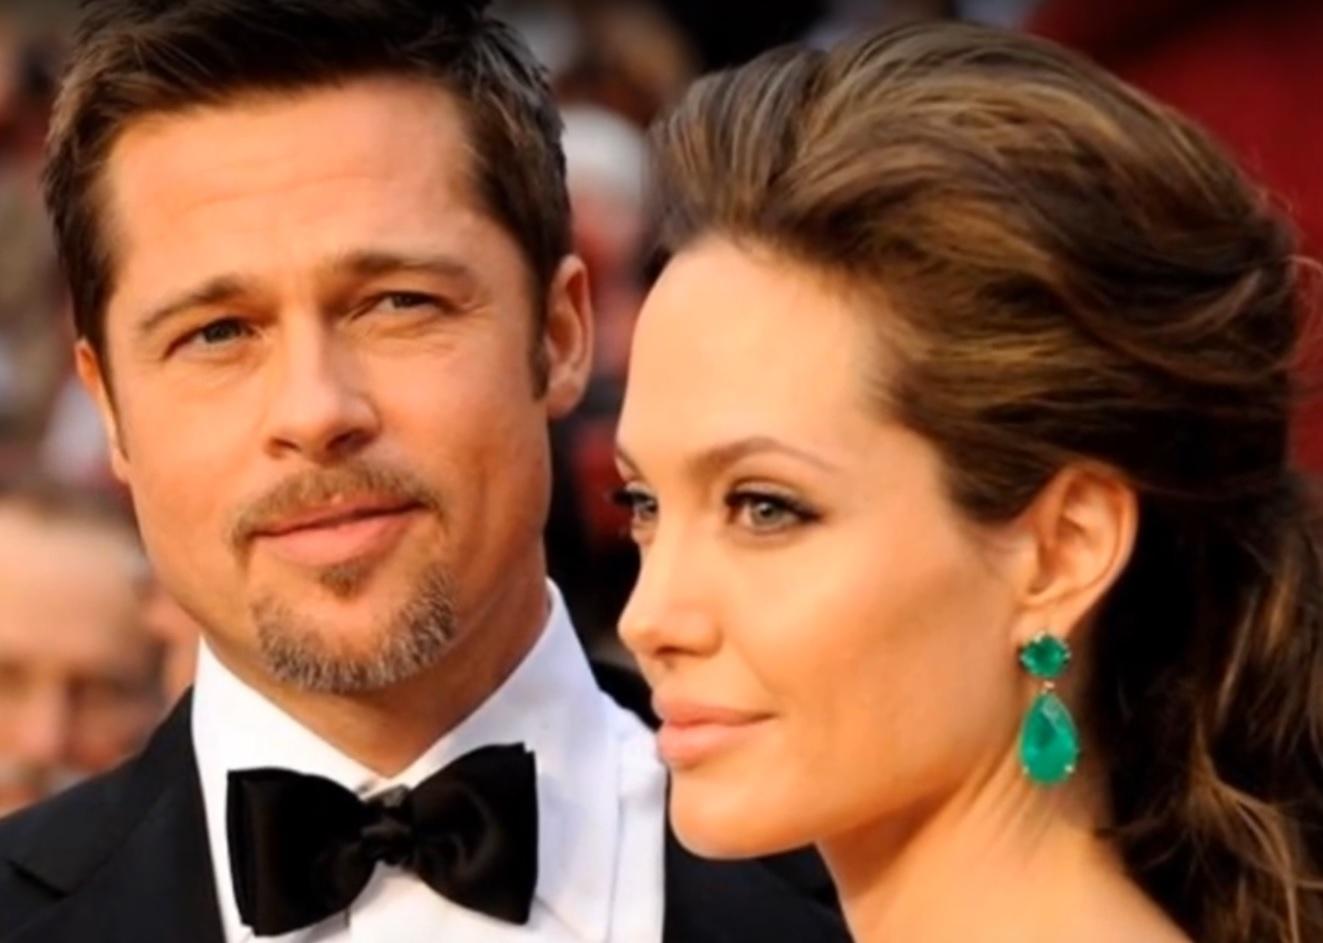 VIDEO: JE LI TO KRAJ - S kim se to spetljala Angelina Jolie da Brad Pitt ne želi oprostiti?! 1